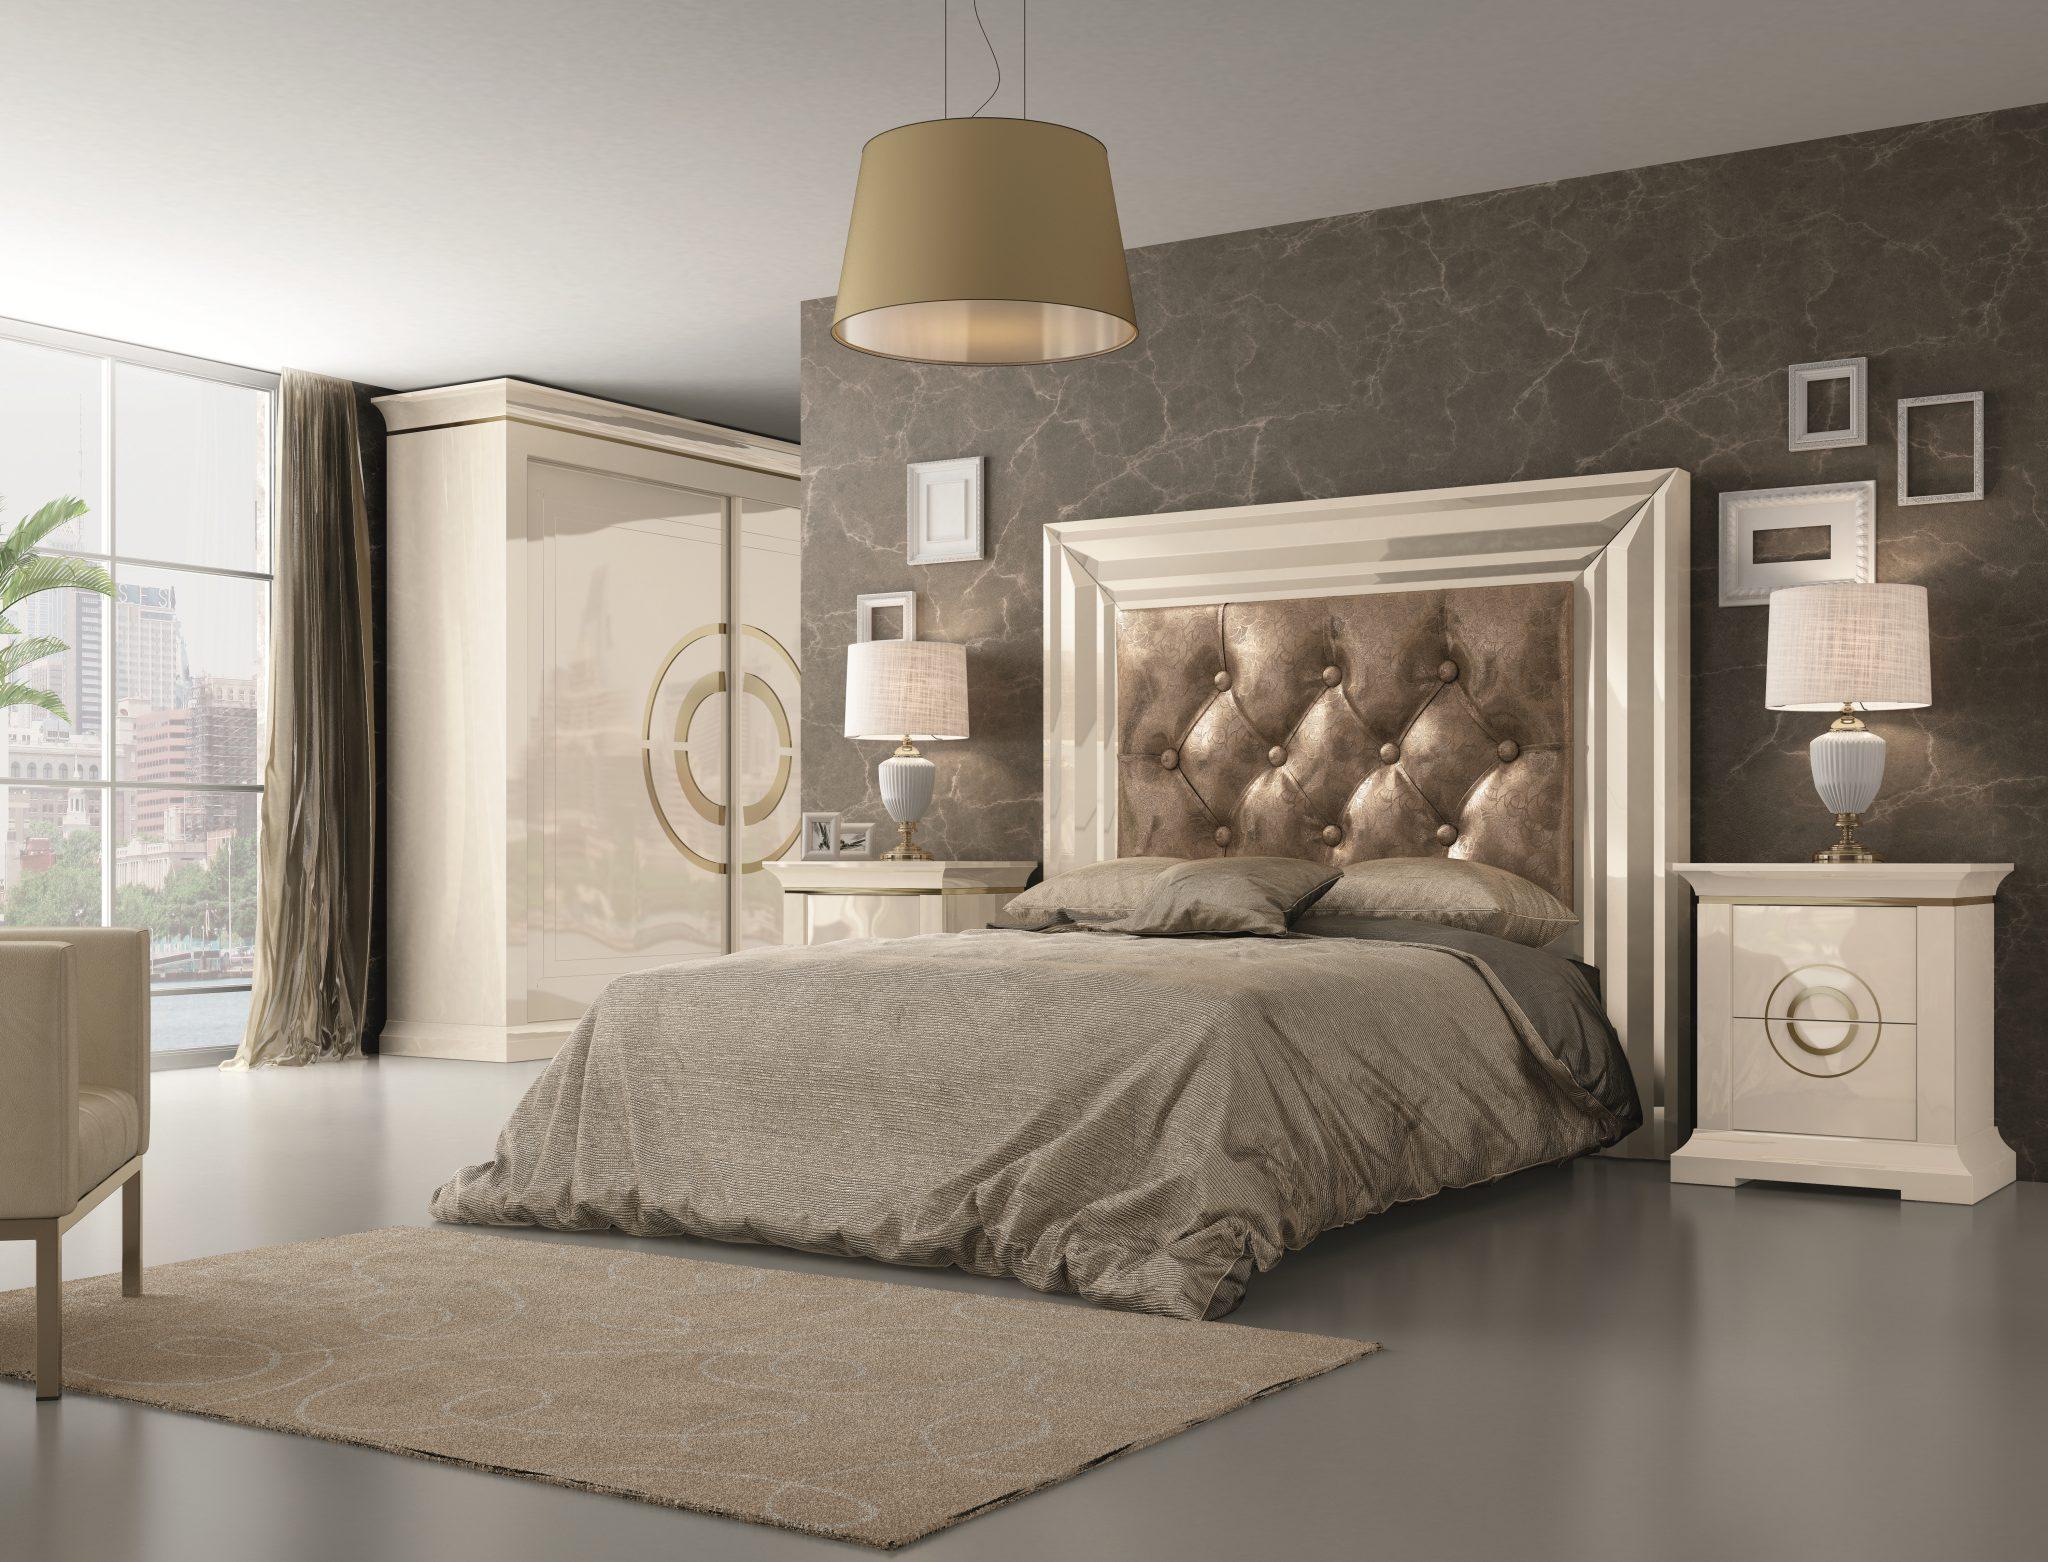 GRP-SPJ Dormitorio PREMIUM - Lacado Alegría, Oro y Fantasía Círculos Oro (Página 38) Variante 02 ALTA